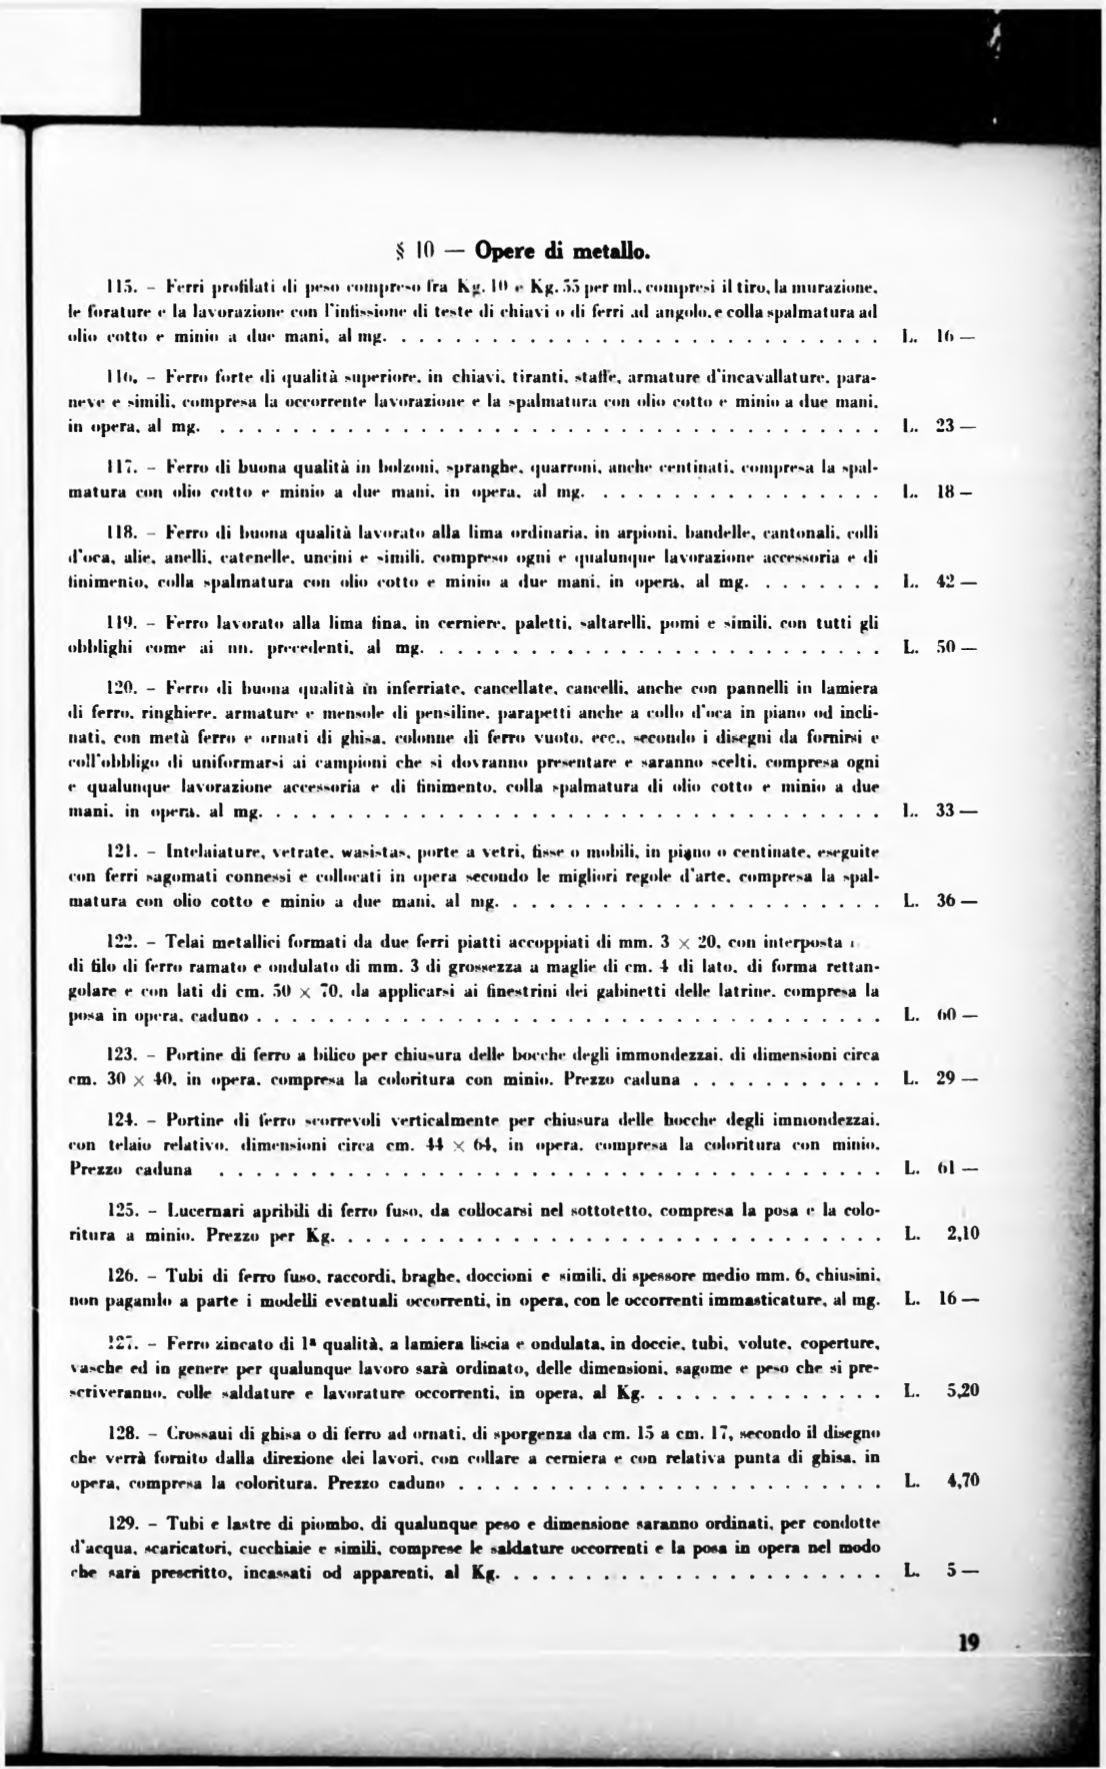 Costo Profilati Ferro Al Kg torino. rivista mensile municipale 1936